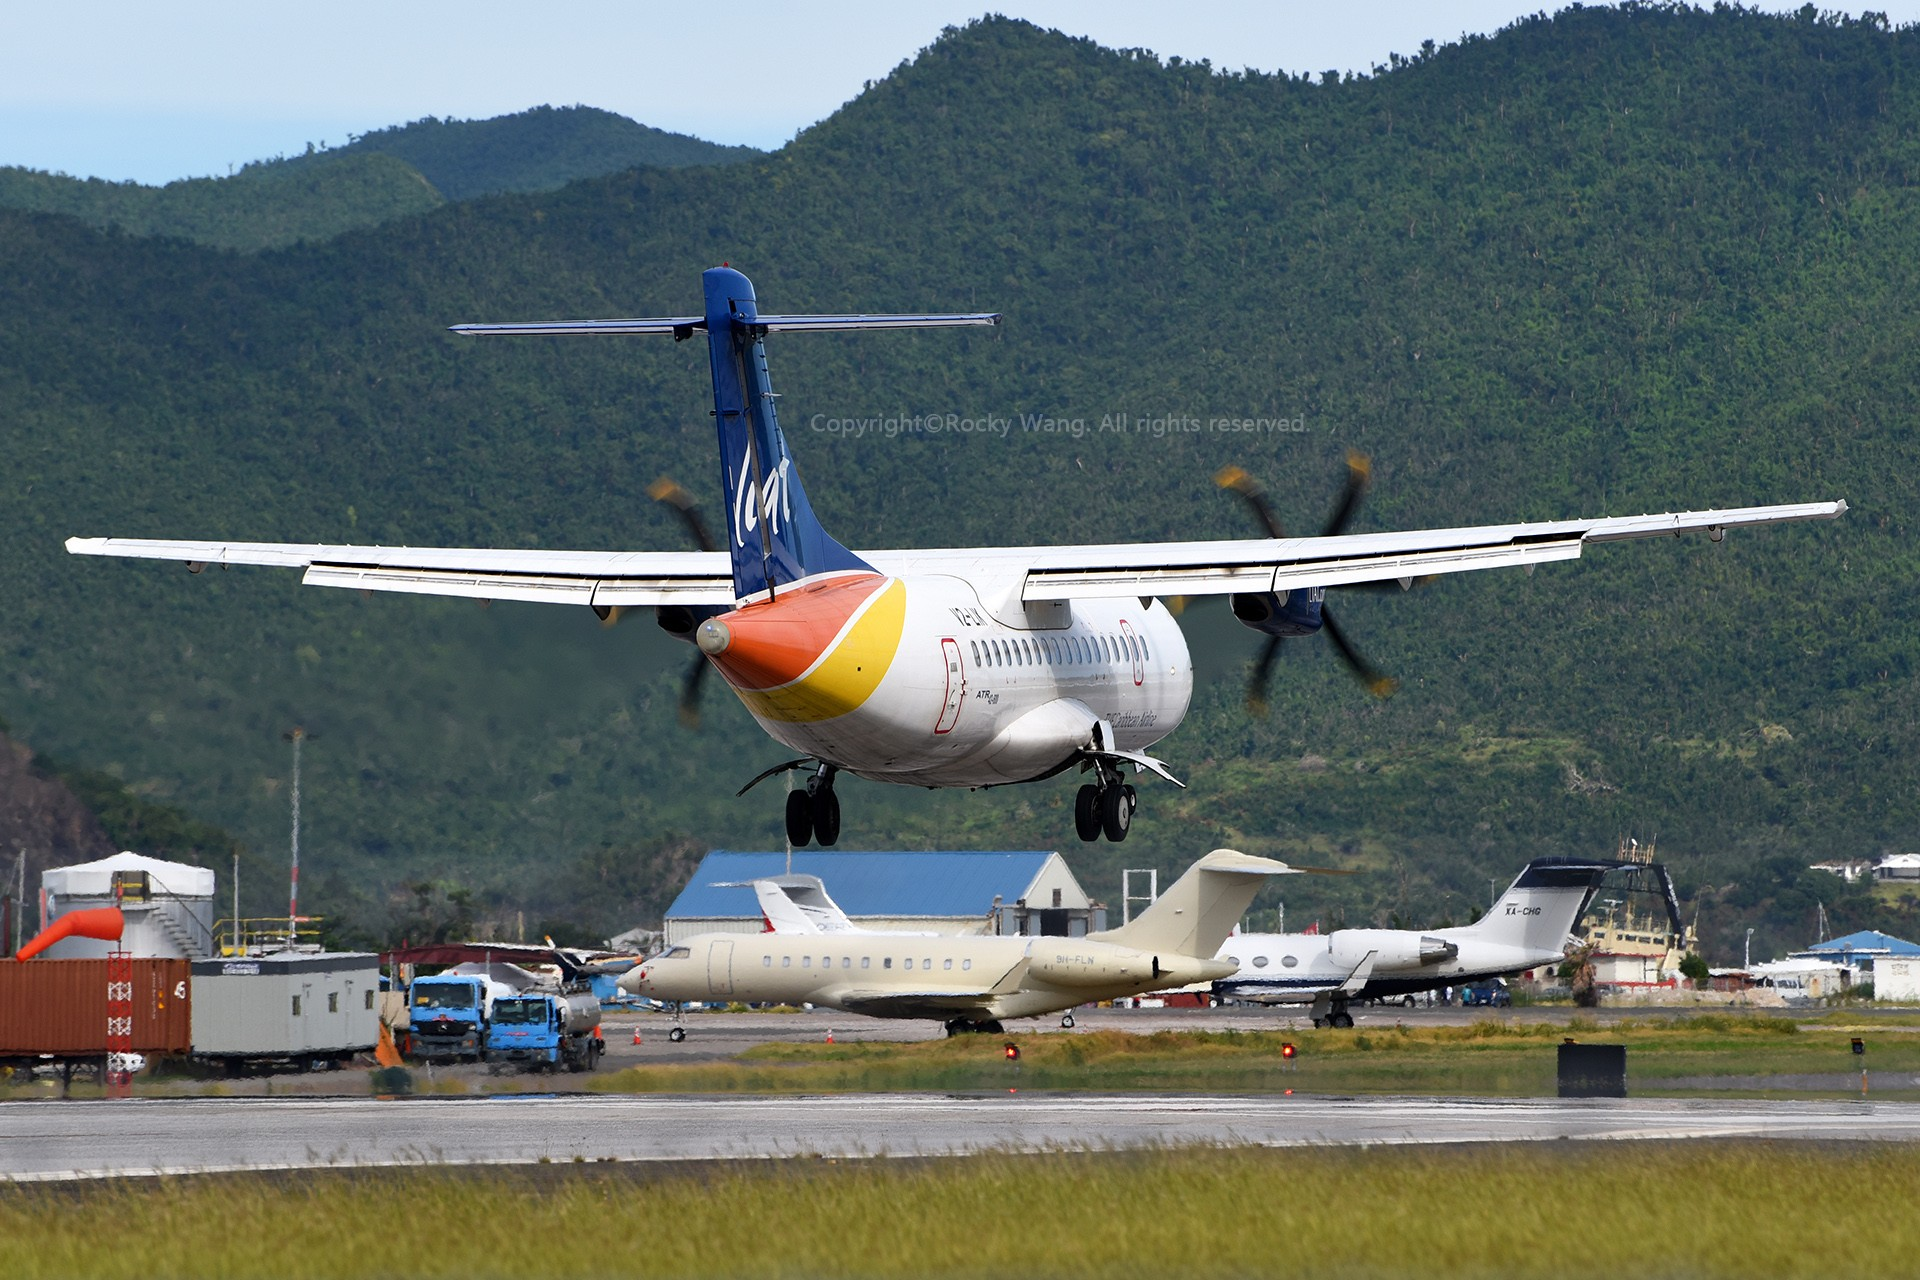 Re:[原创]My endless Caribbean dream——圣马丁朱莉安娜公主机场拍机记 ATR 42-600 V2-LIK 荷属安的列斯群岛朱利安娜公主机场